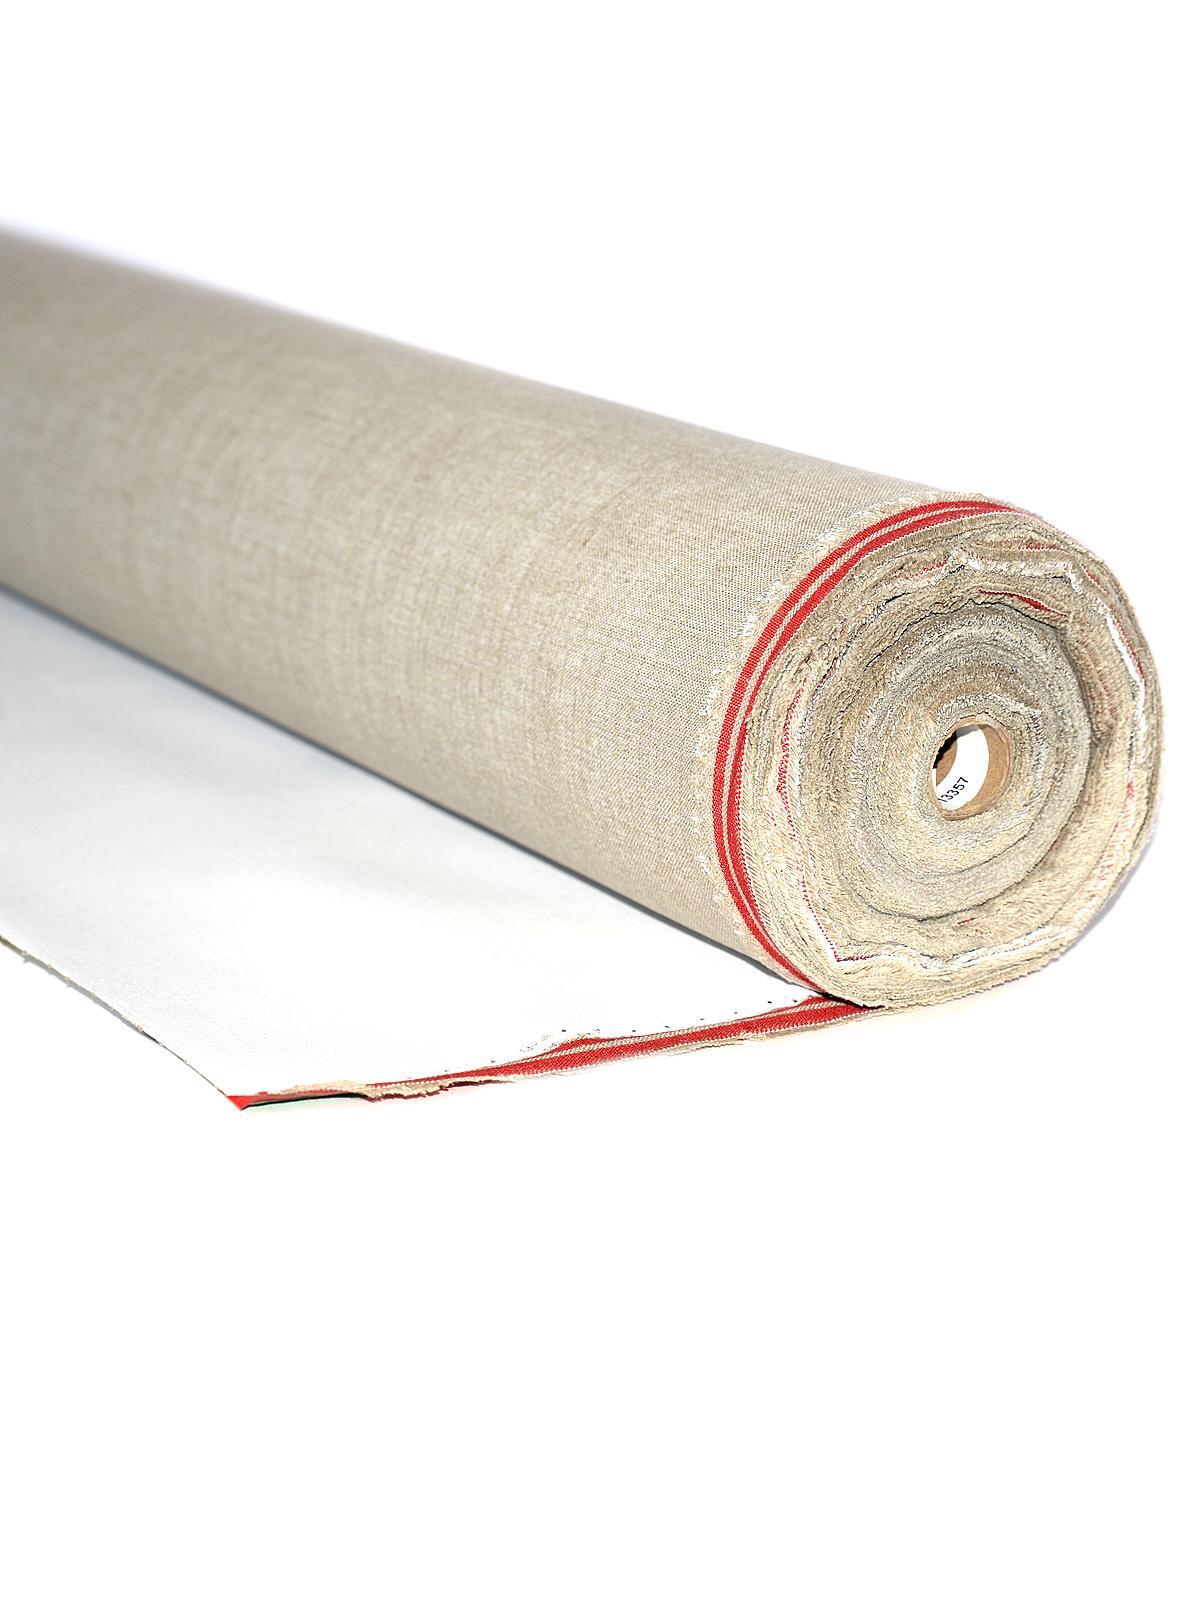 Fredrix Antwerp Acrylic Primed Linen Roll Canvas